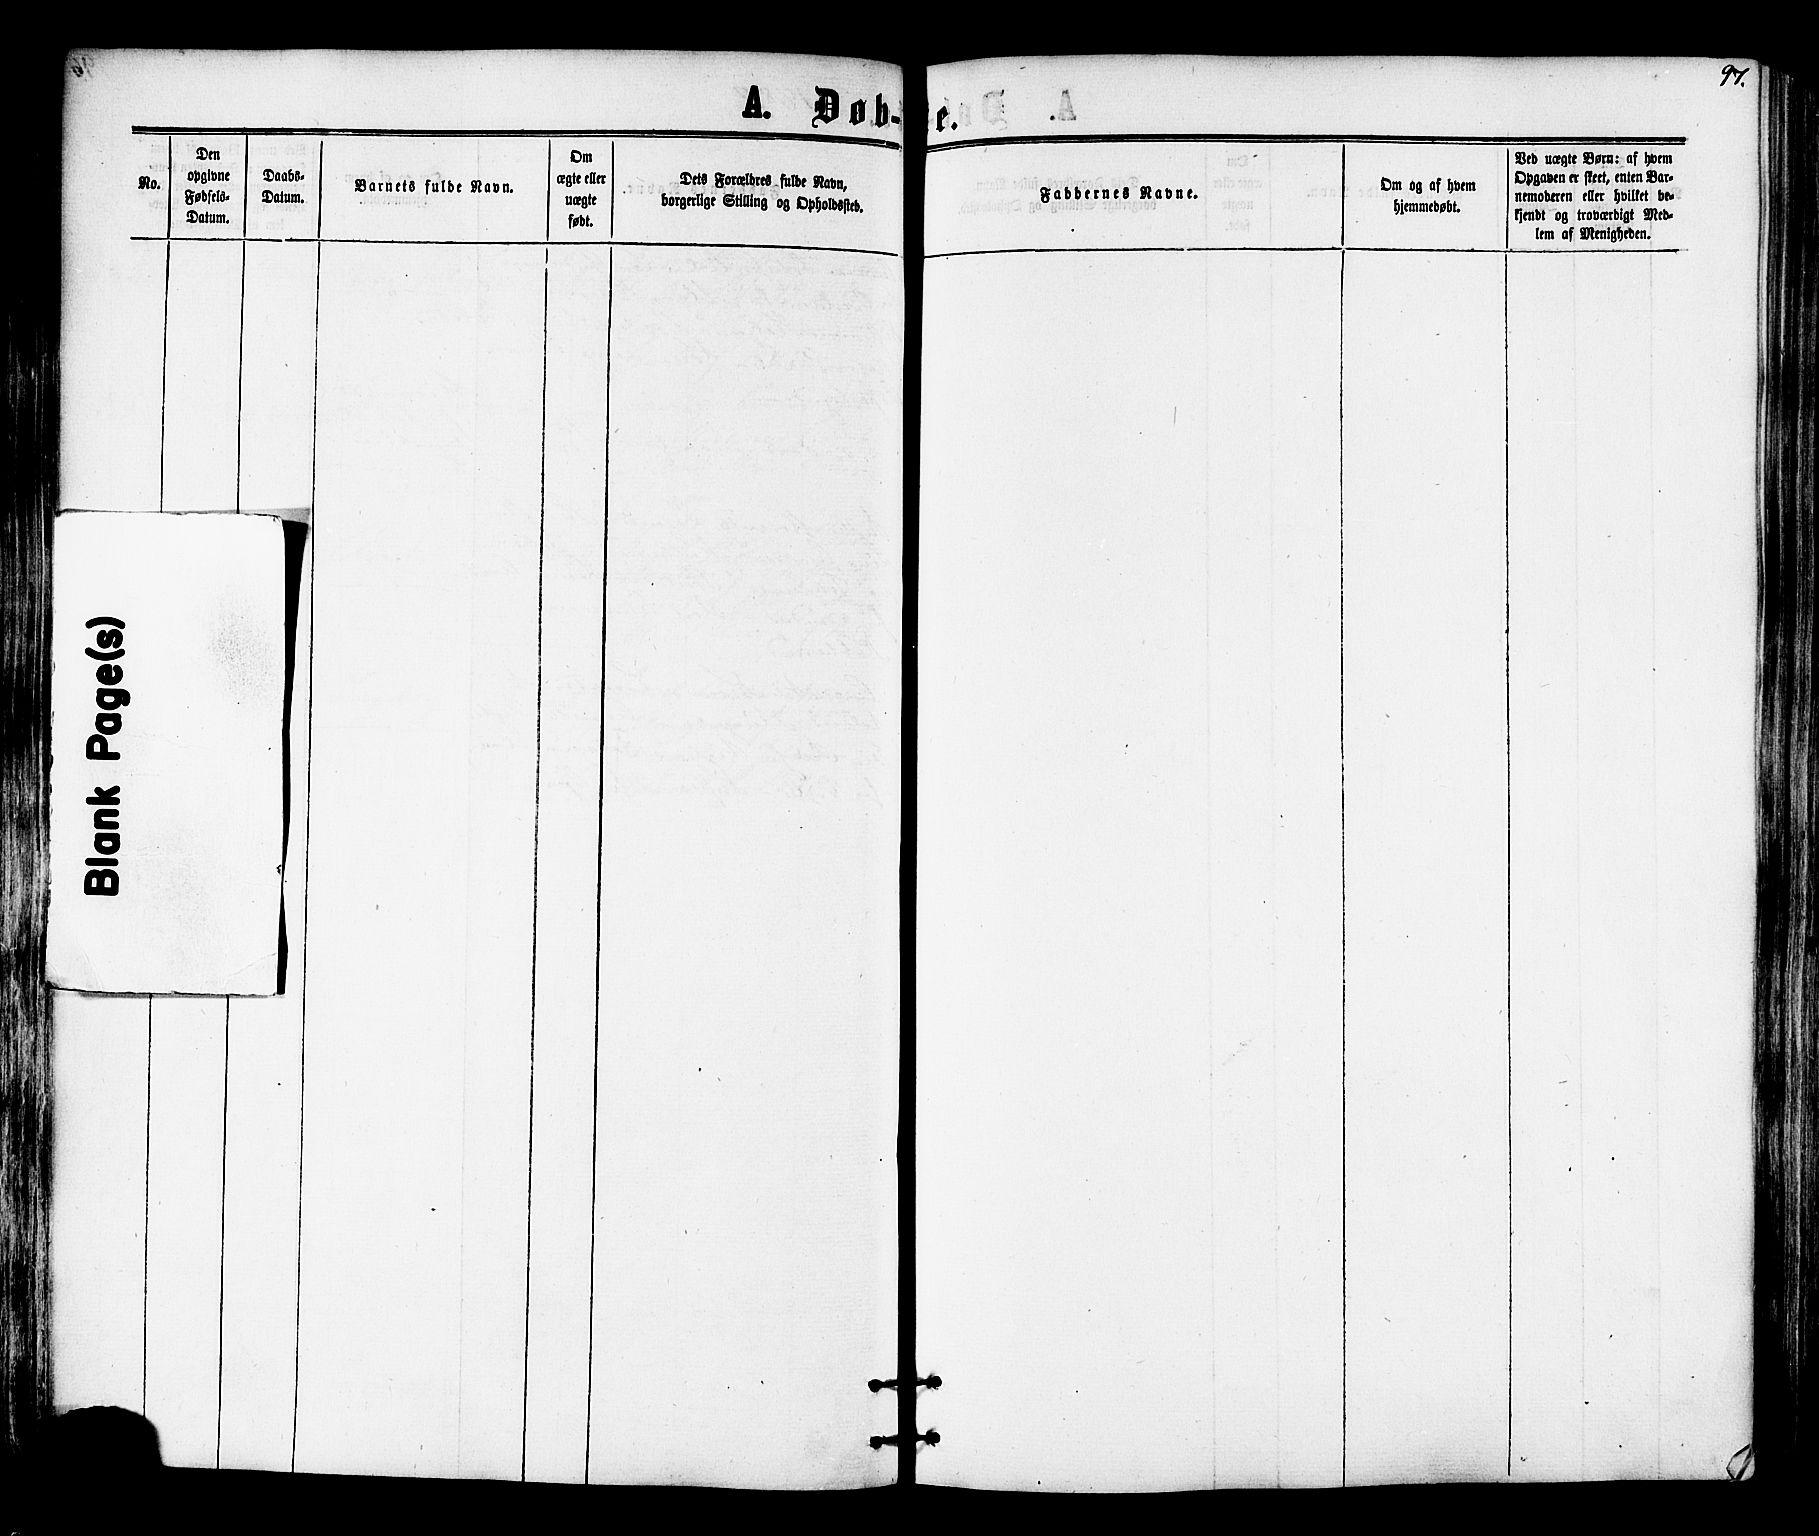 SAT, Ministerialprotokoller, klokkerbøker og fødselsregistre - Nord-Trøndelag, 701/L0009: Ministerialbok nr. 701A09 /1, 1864-1882, s. 97